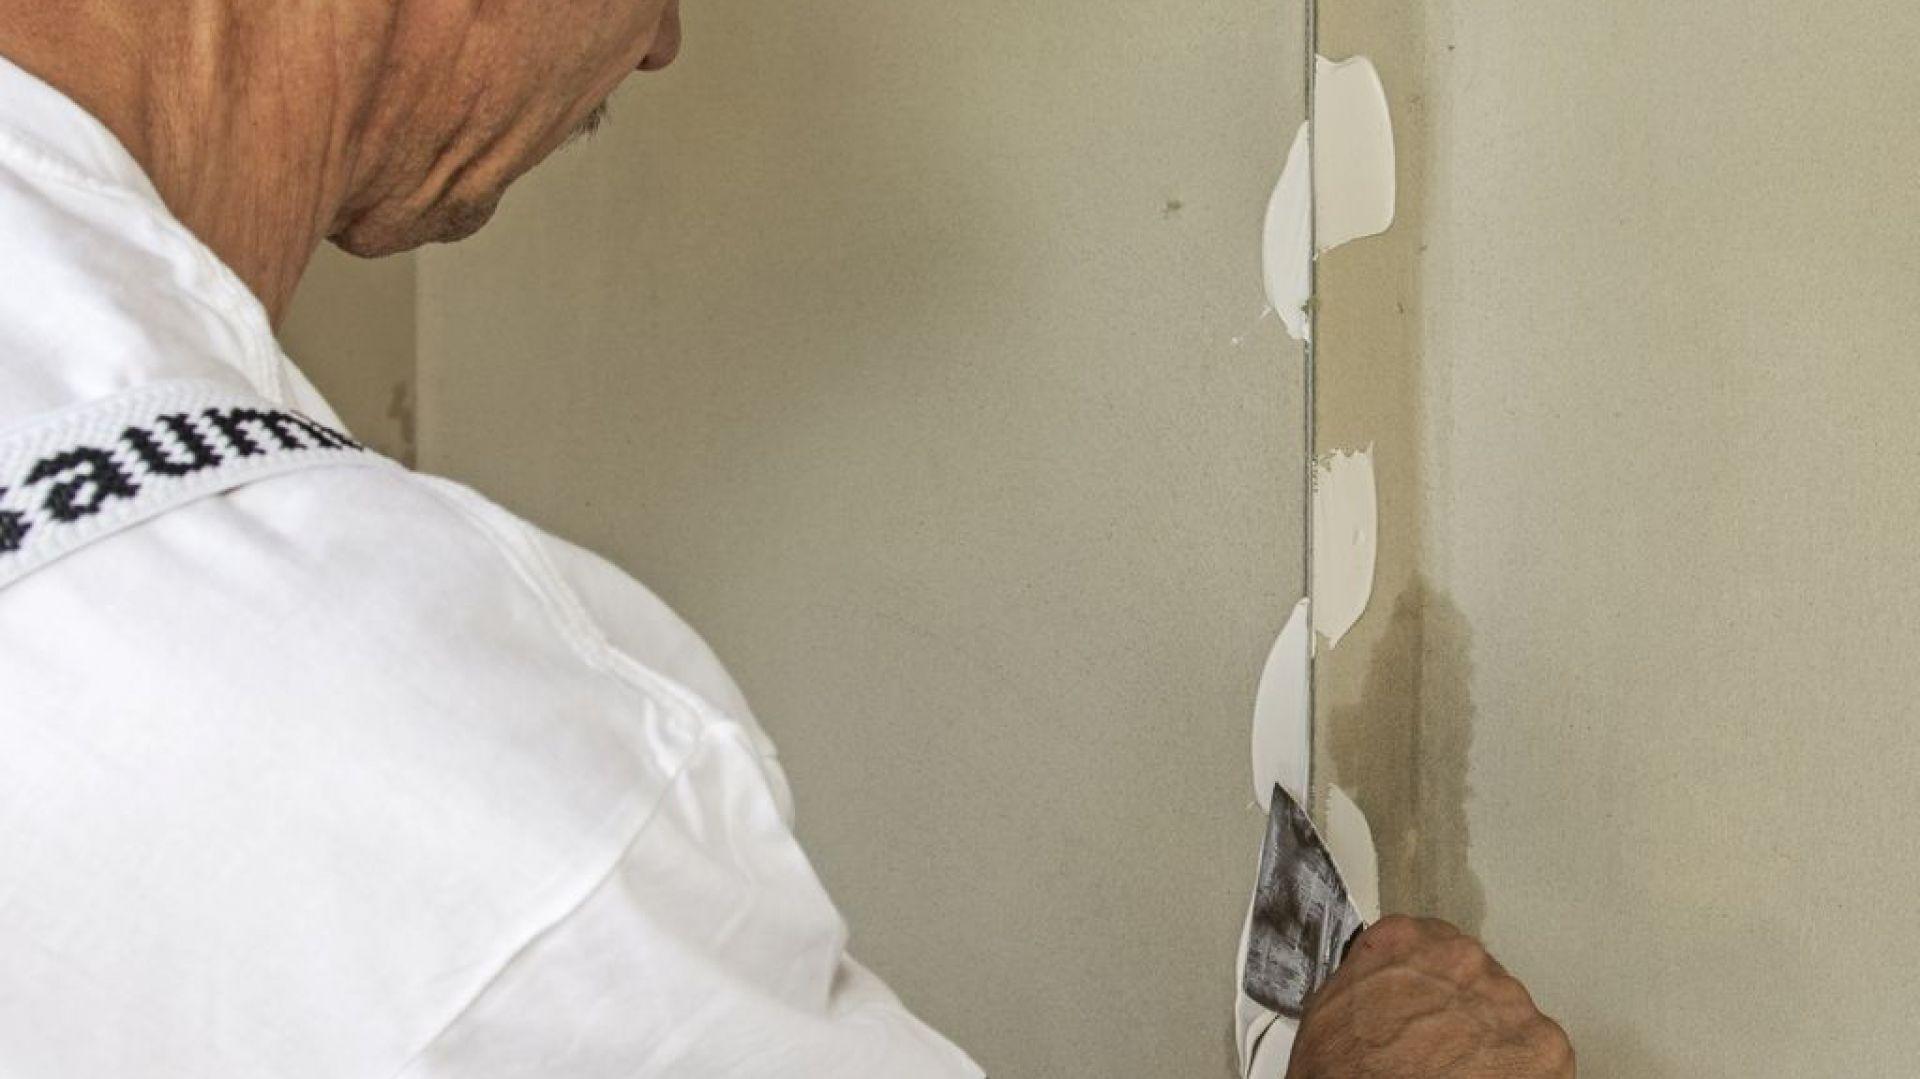 Szybki remont - szpachlowanie ścian. Fot. Baumit